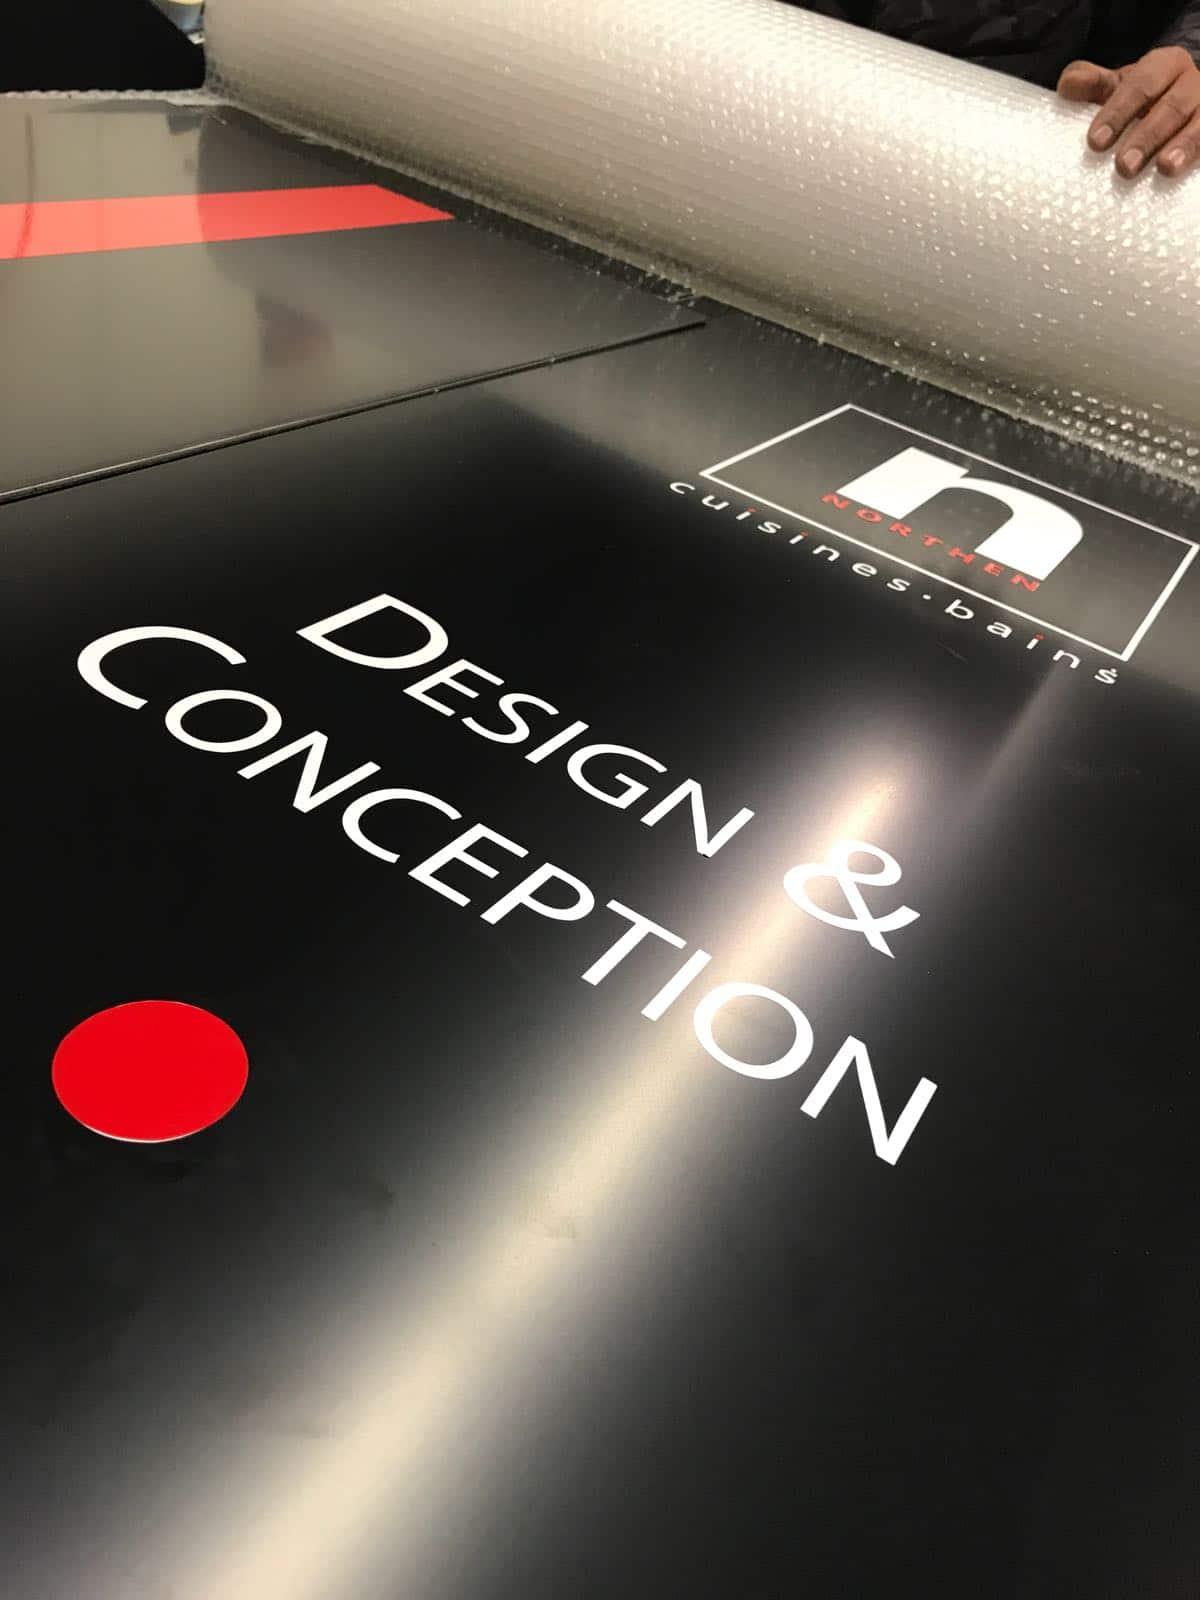 impression archives blacktint lyon. Black Bedroom Furniture Sets. Home Design Ideas